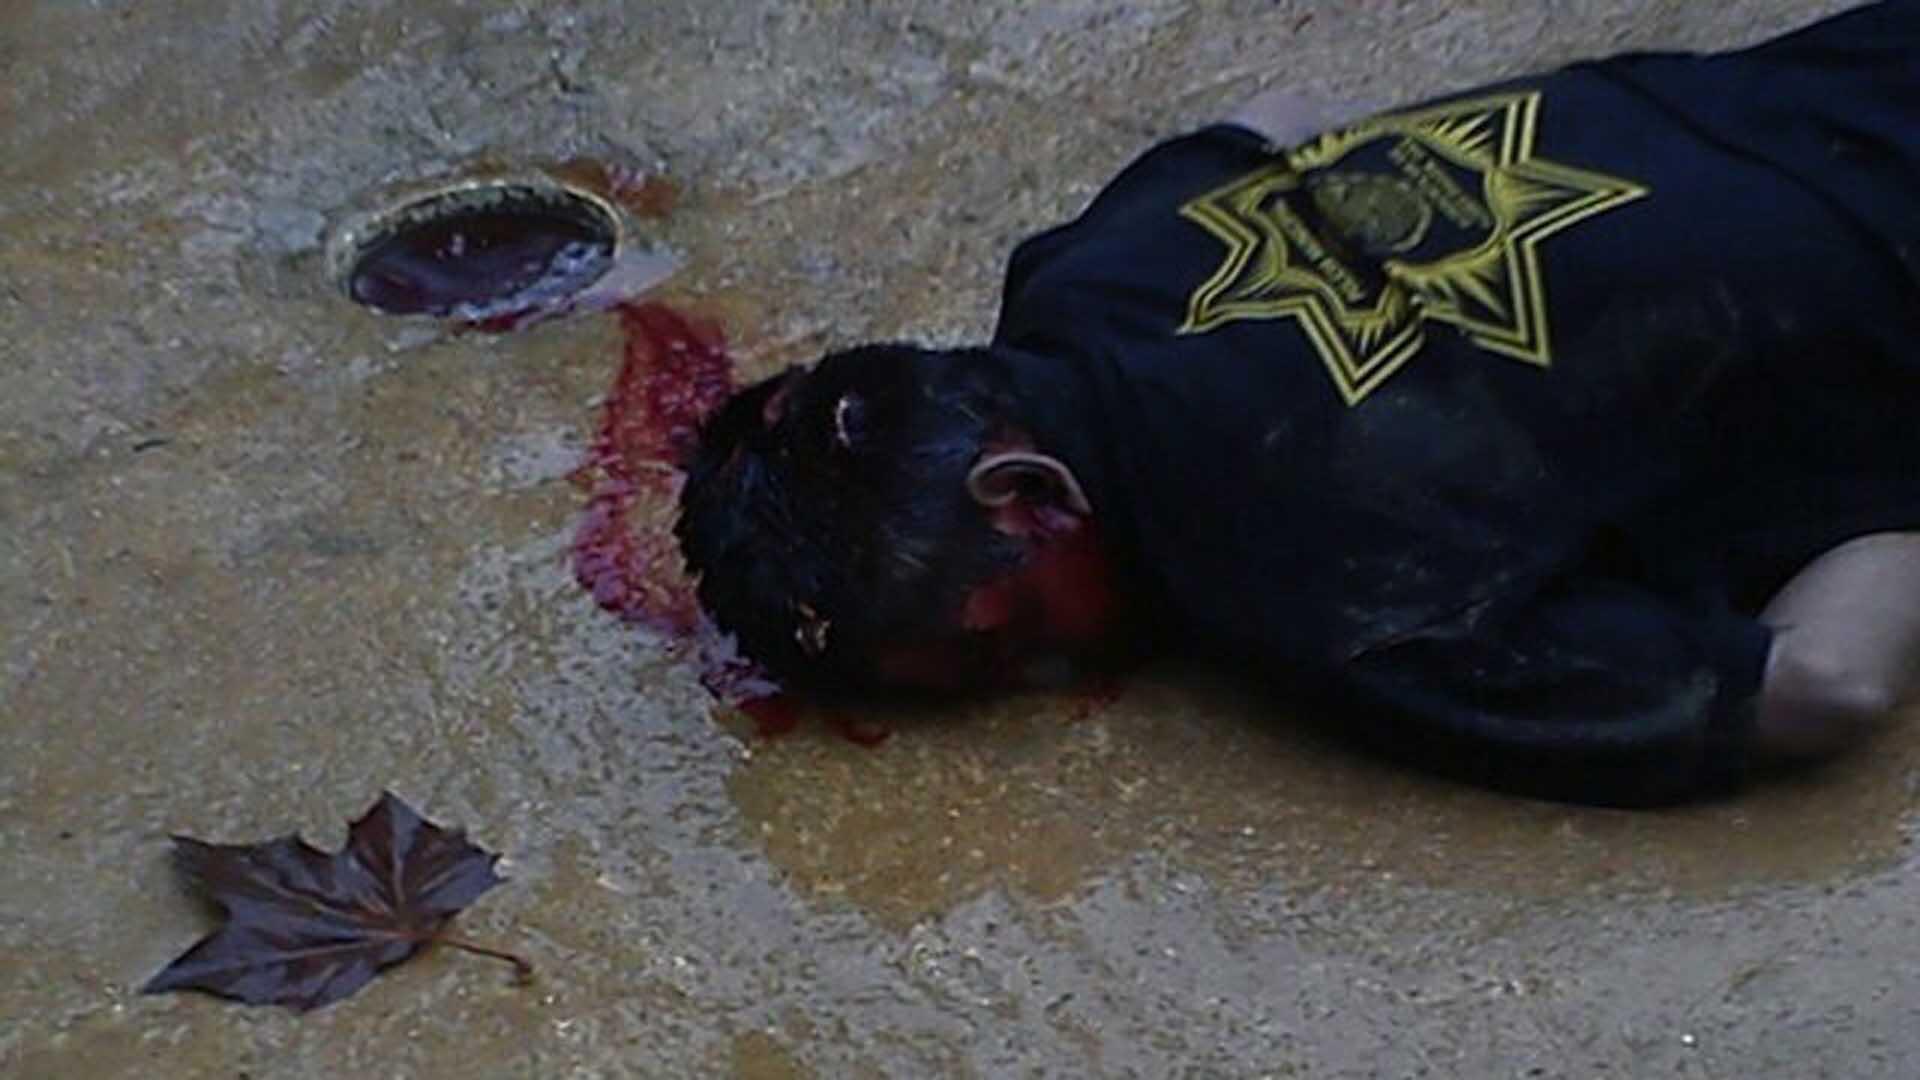 Detenido por asesinar a policía de Eloxochitlán de Flores Magón, Oaxaca | El Imparcial de Oaxaca